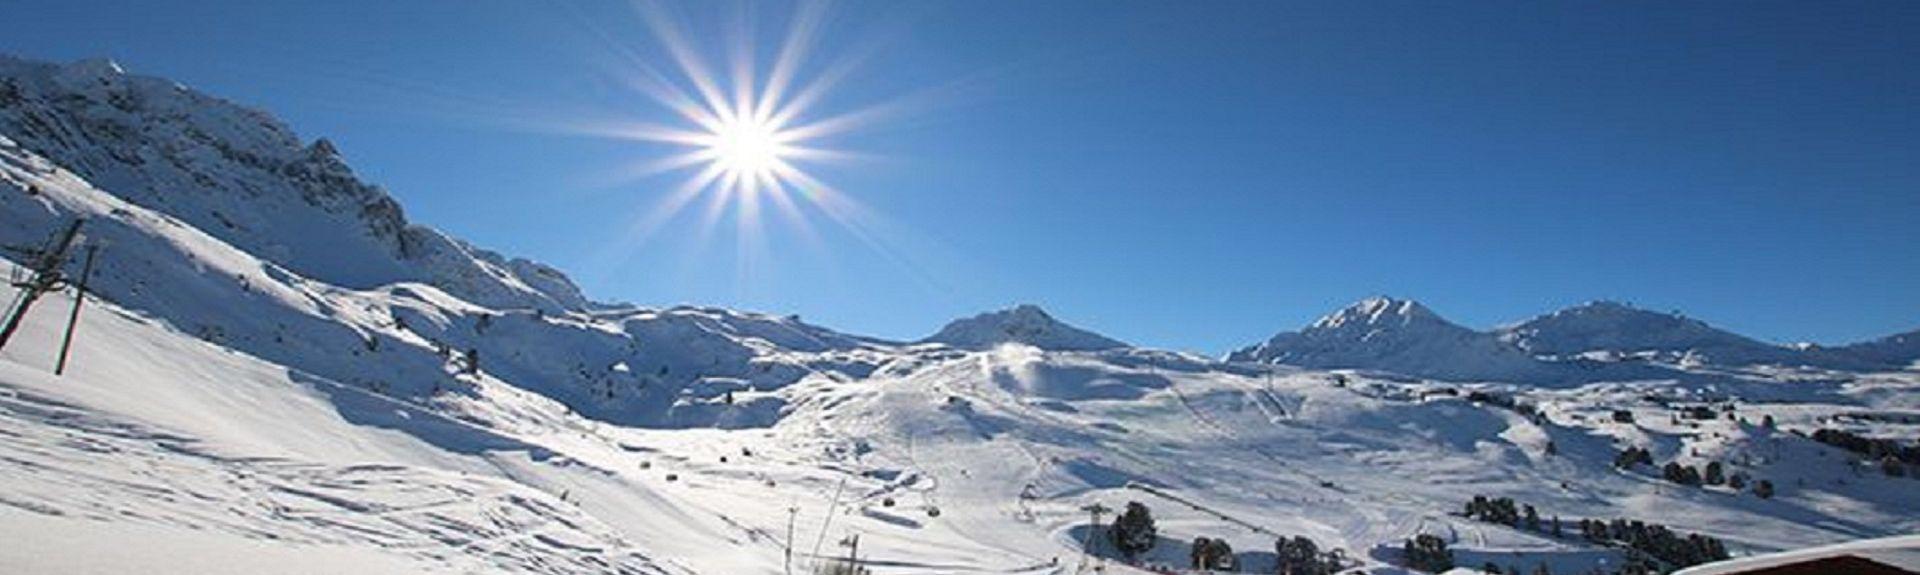 L'Altispace Skilift, Les Avanchers-Valmorel, Auvergne-Rhône-Alpes, Frankrig